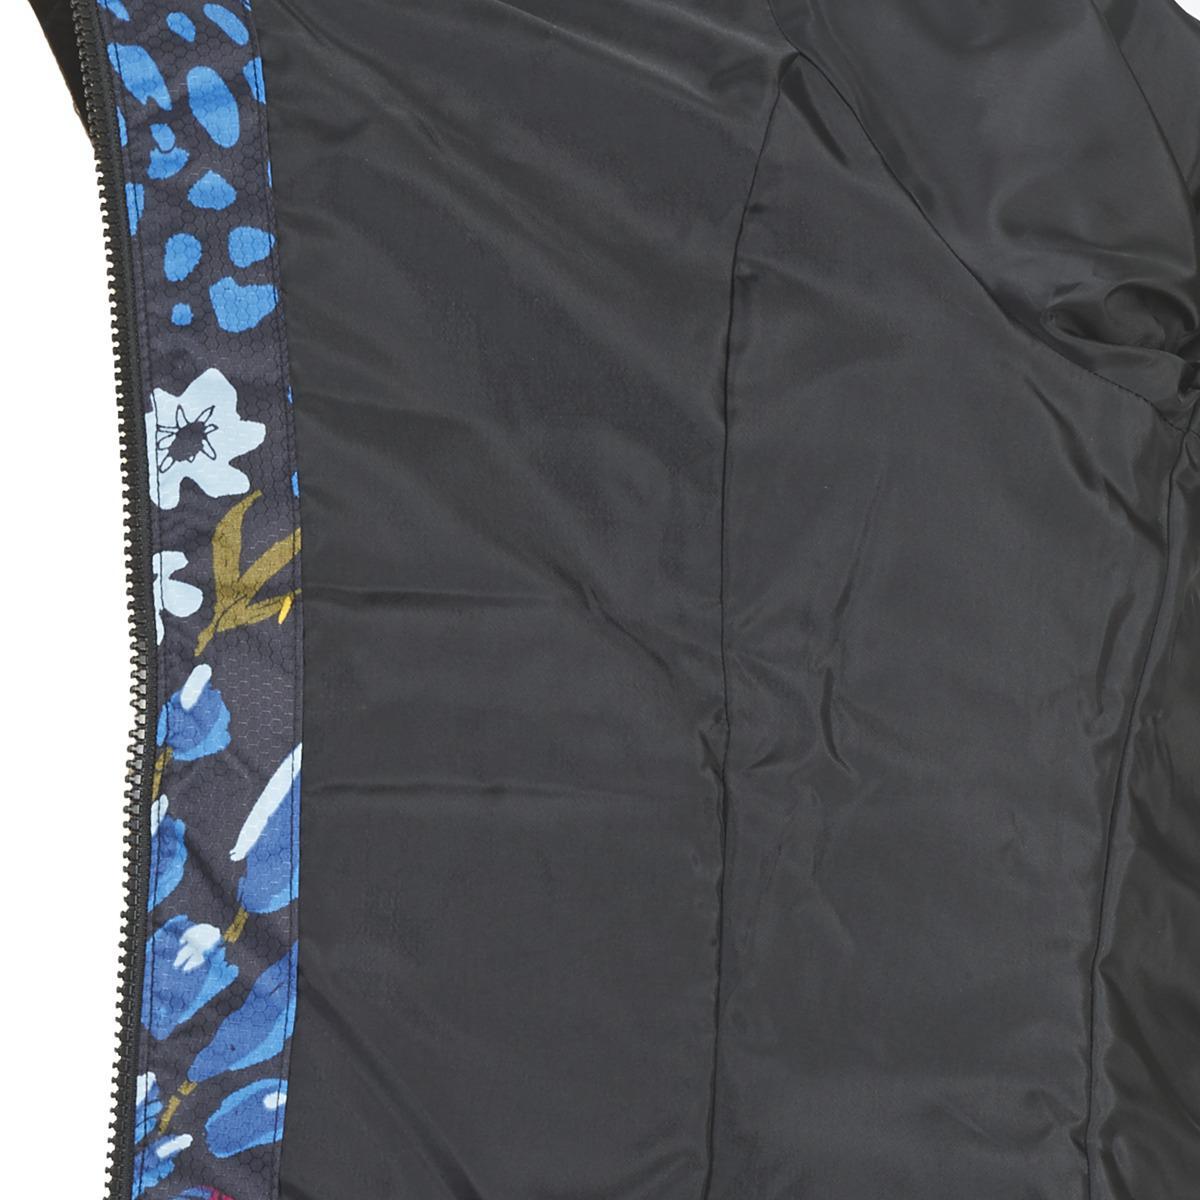 02082ee3478b adidas Slim Jacket Aop Women s Jacket In Multicolour in Blue - Lyst